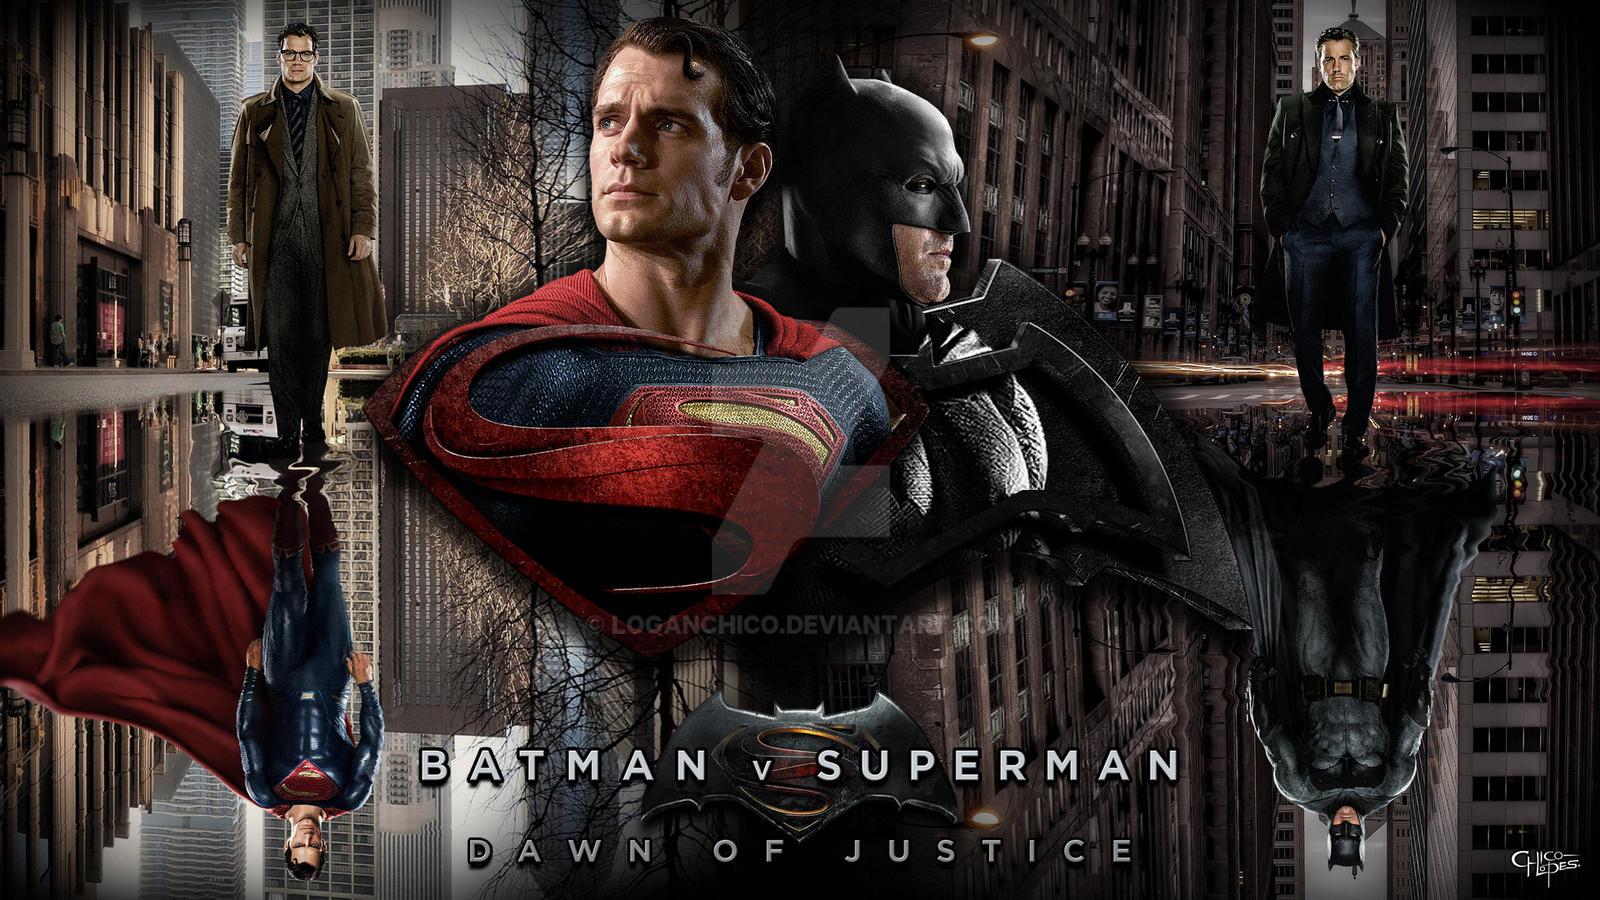 Batman v Superman Wallpaper 05 1080p